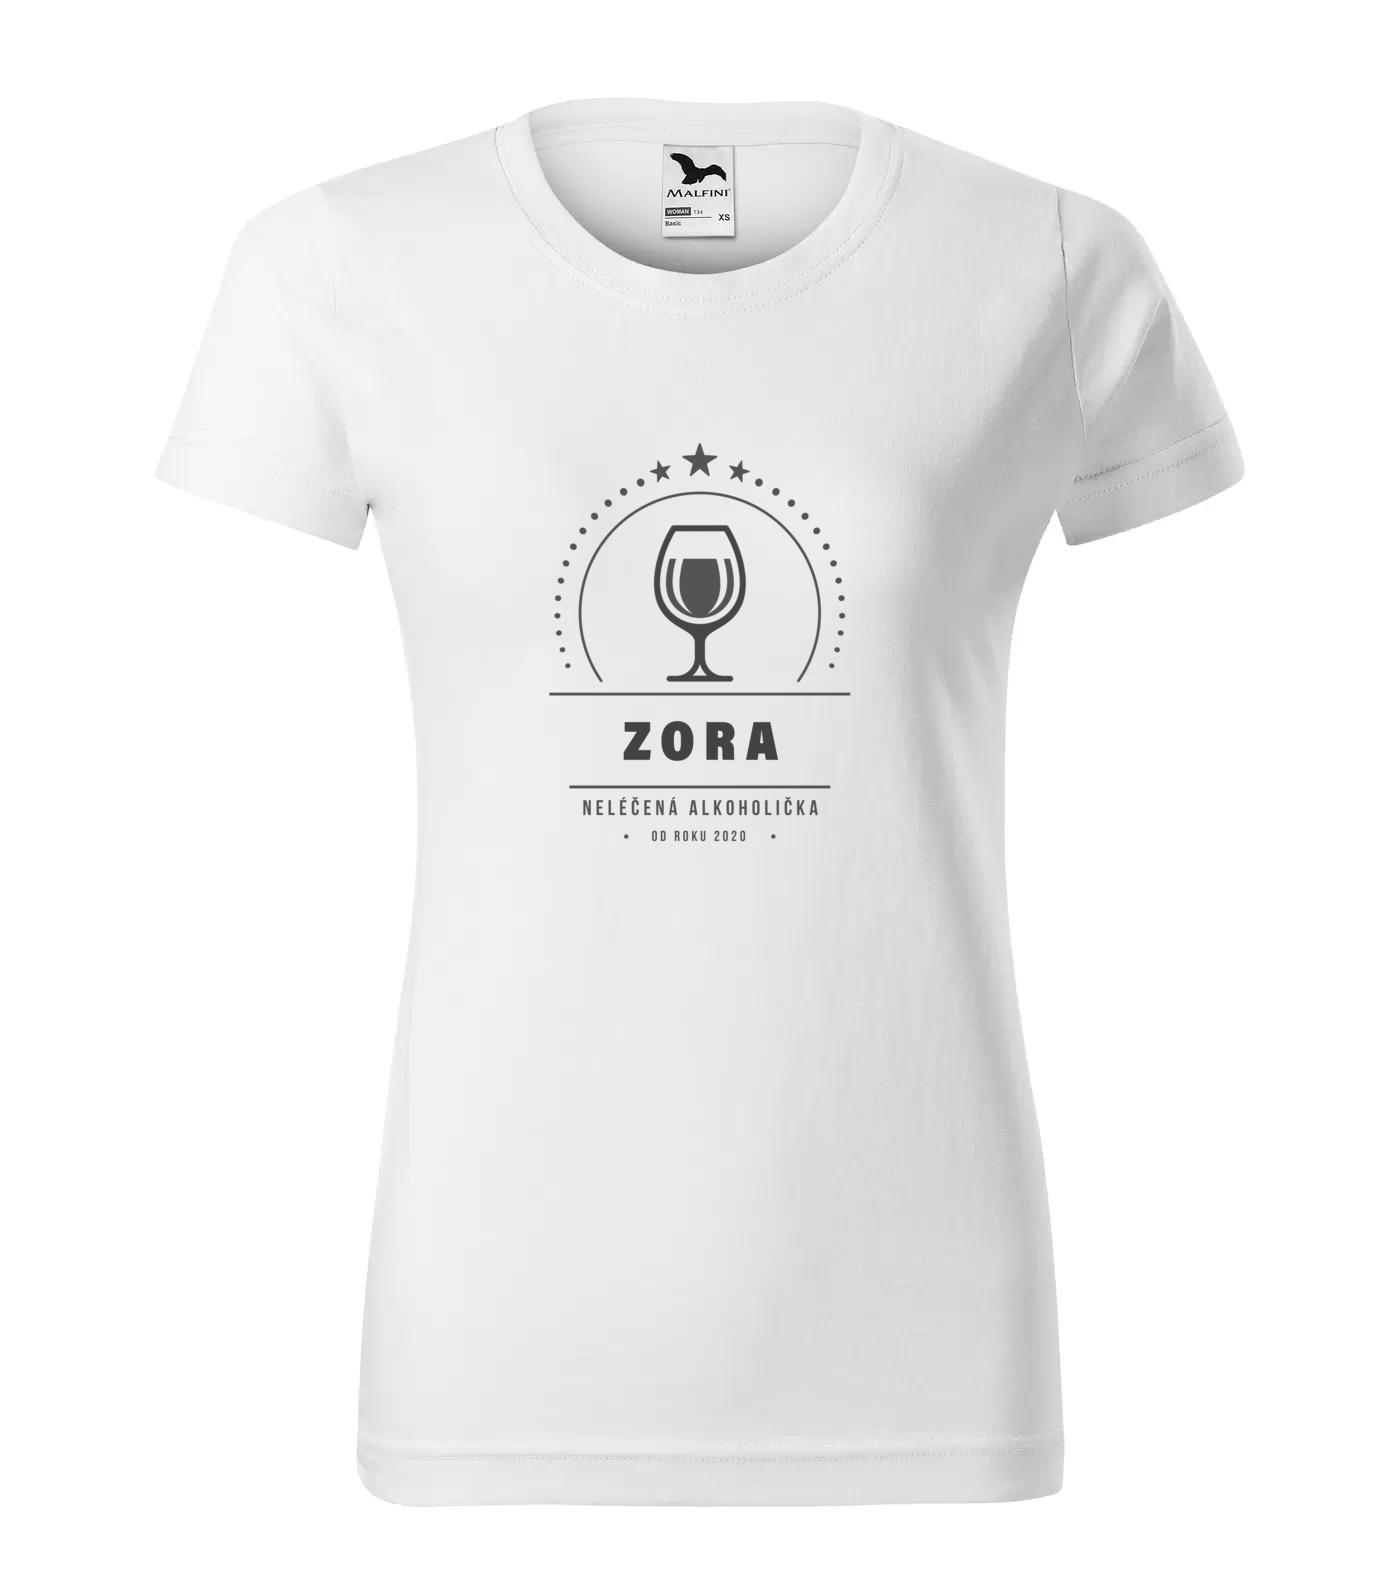 Tričko Alkoholička Zora